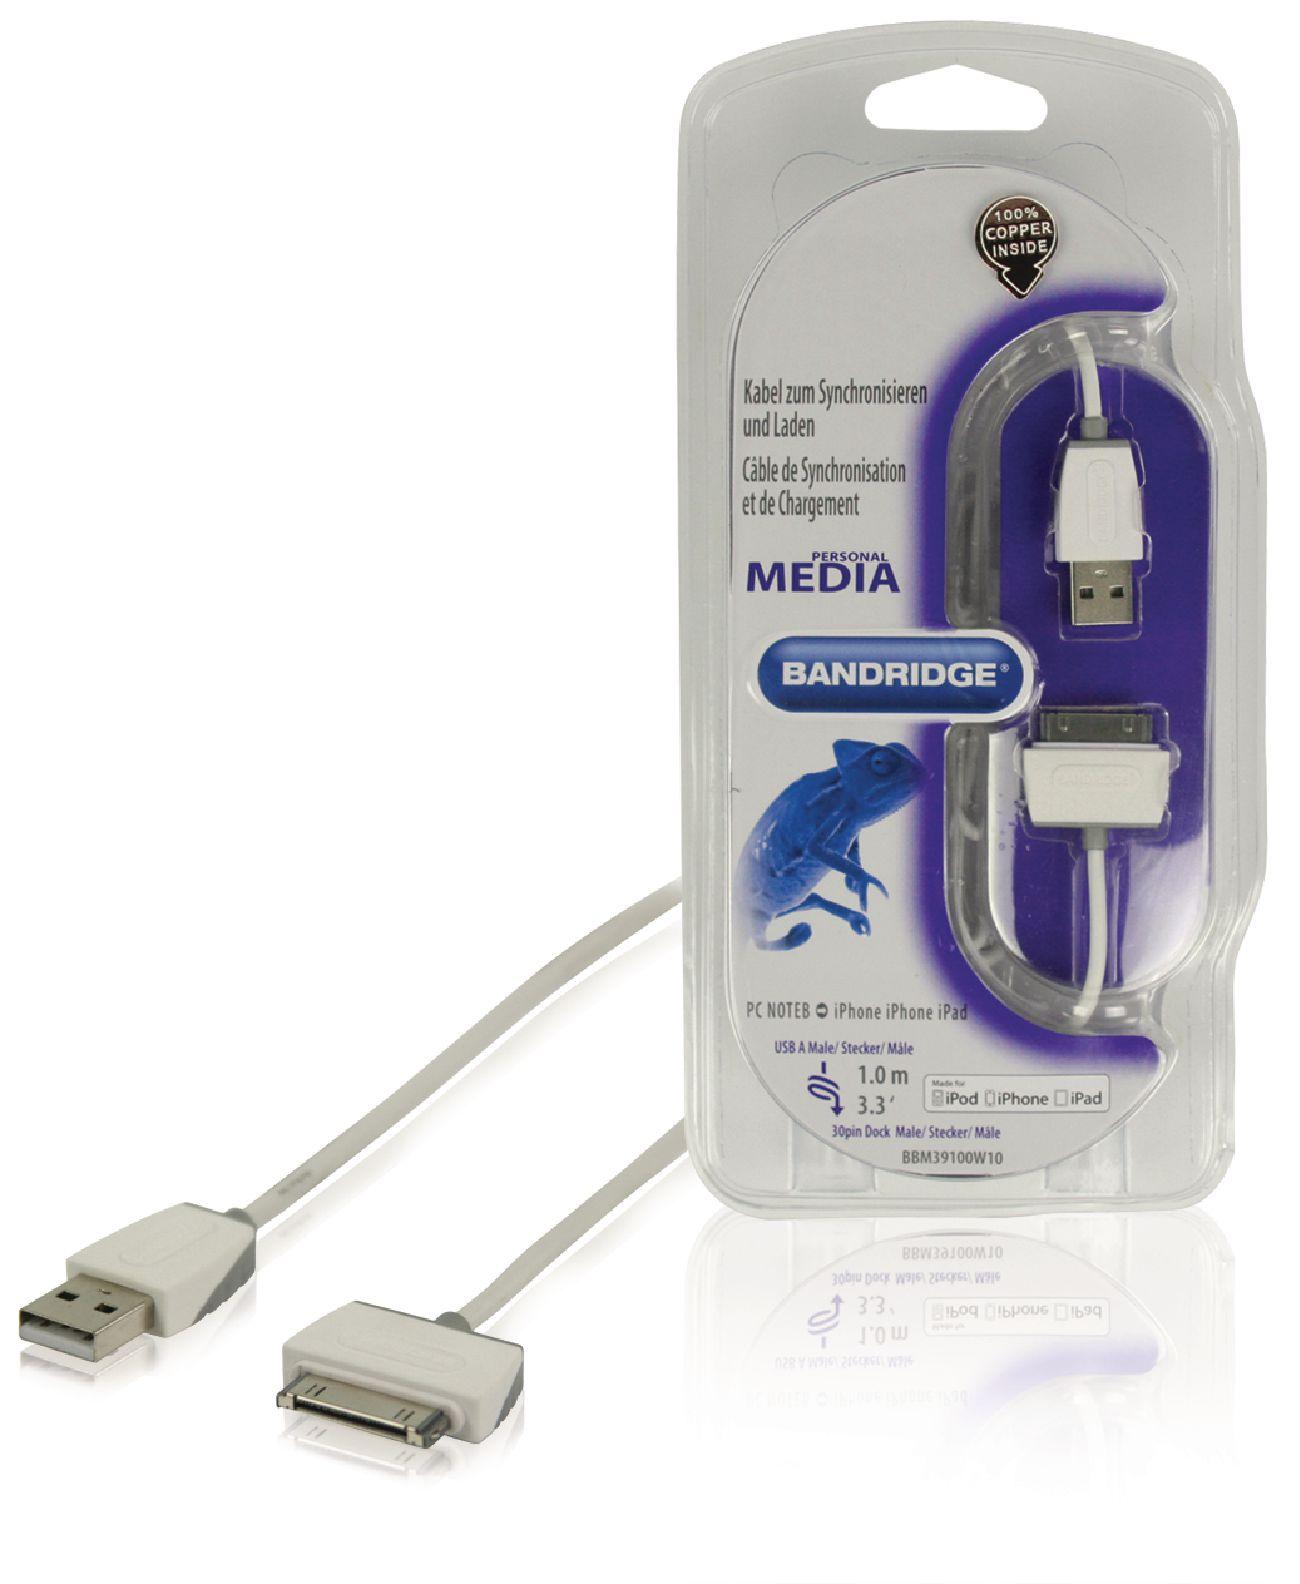 Bandridge Cable de carga y sincronización